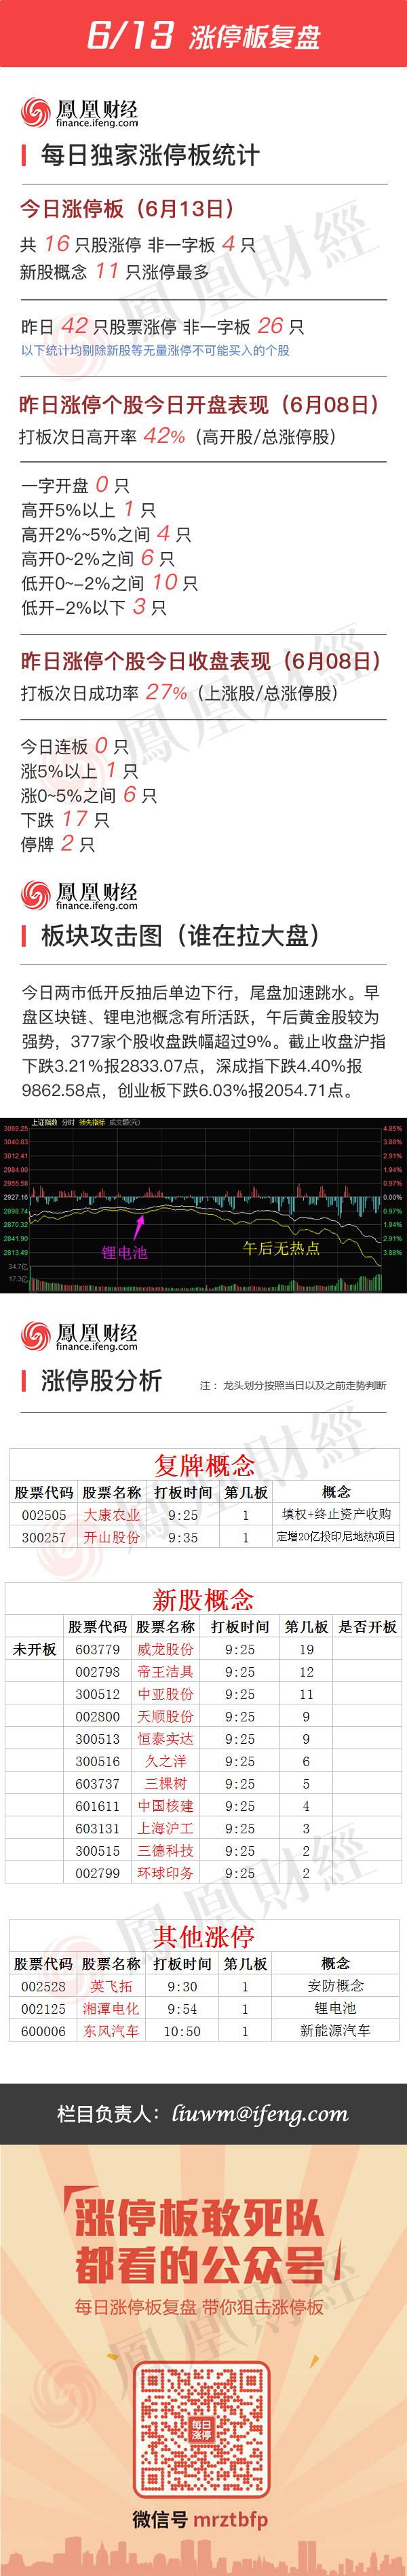 2016年6月13日涨停板复盘 - 小美 - xing1969wuw的博客